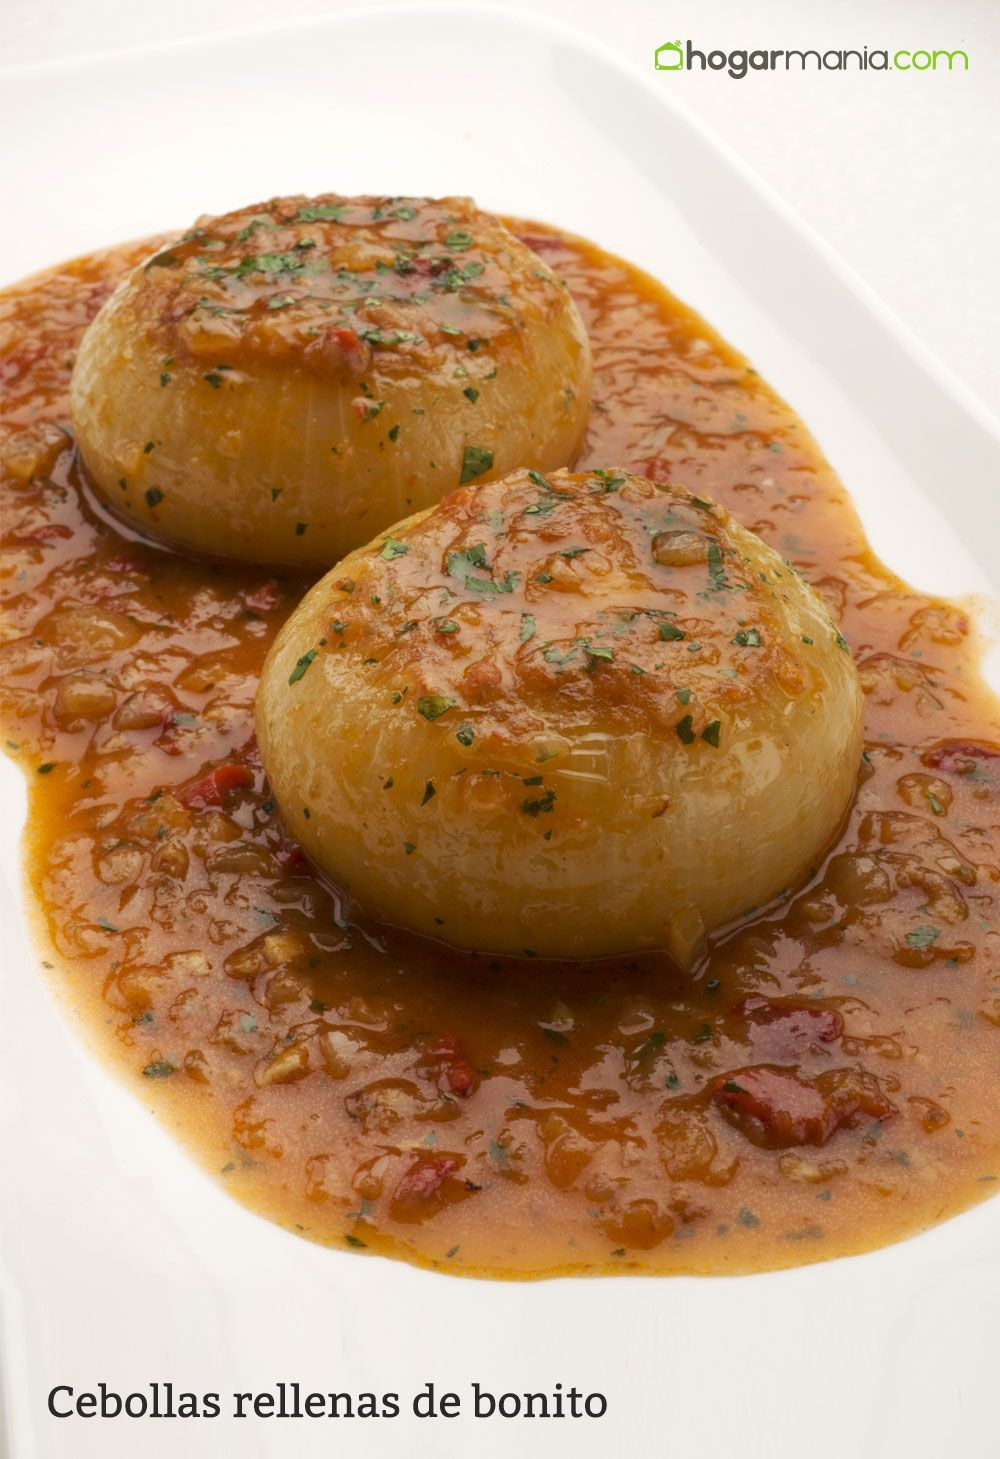 Receta De Cebollas Rellenas De Bonito Karlos Arguiñano Receta Cebollas Rellenas Comida Sana Recetas Recetas De Comida